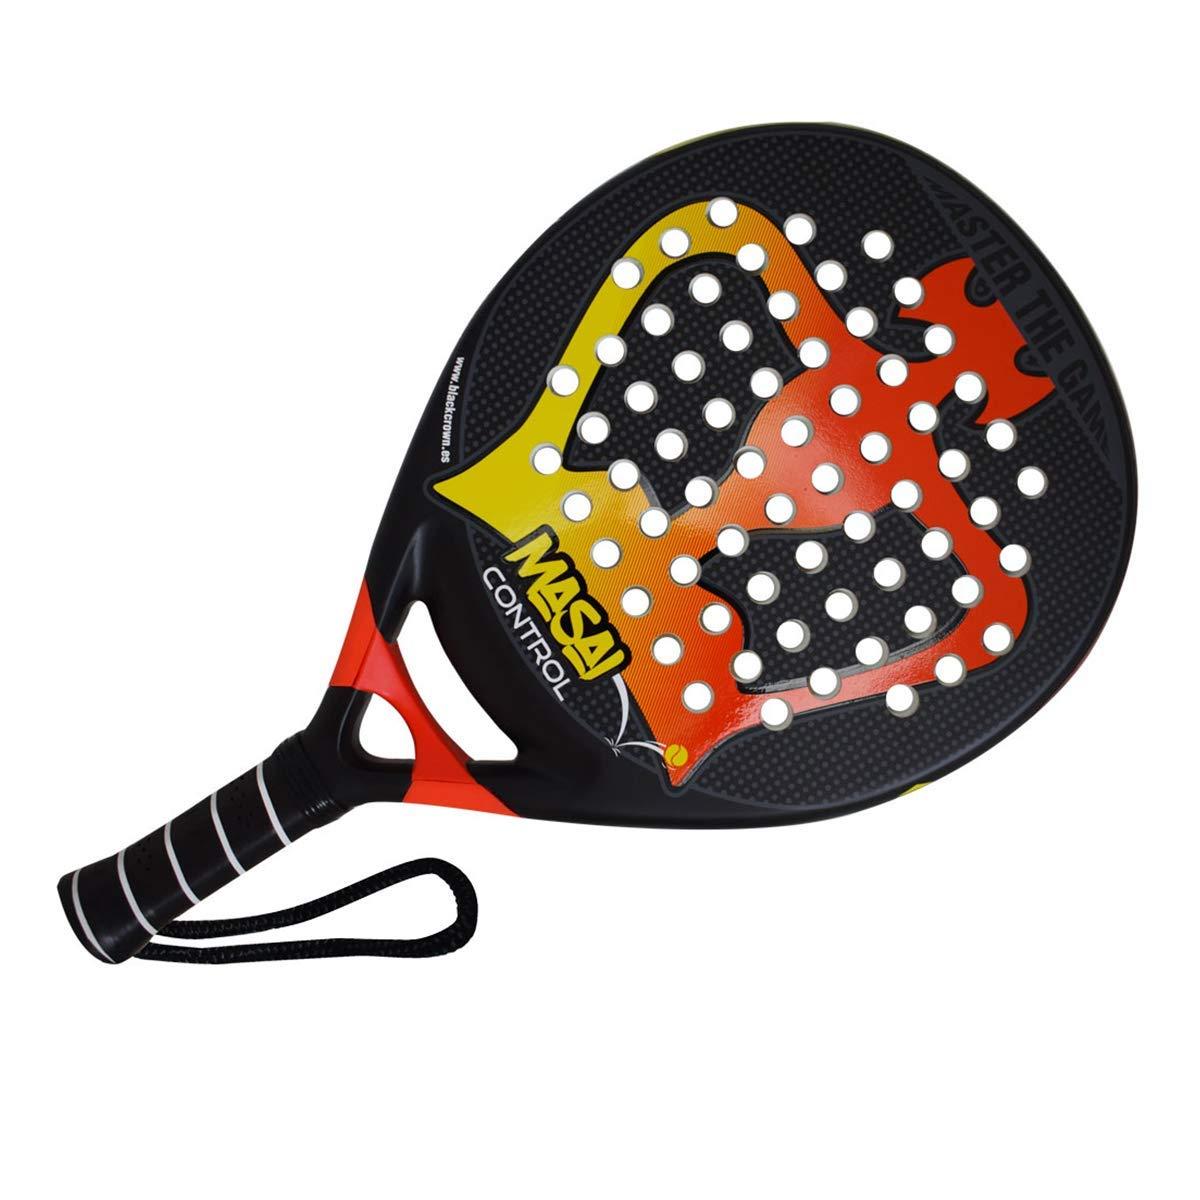 Pala de Pádel Masai Control - Black Crown: Amazon.es: Deportes y ...